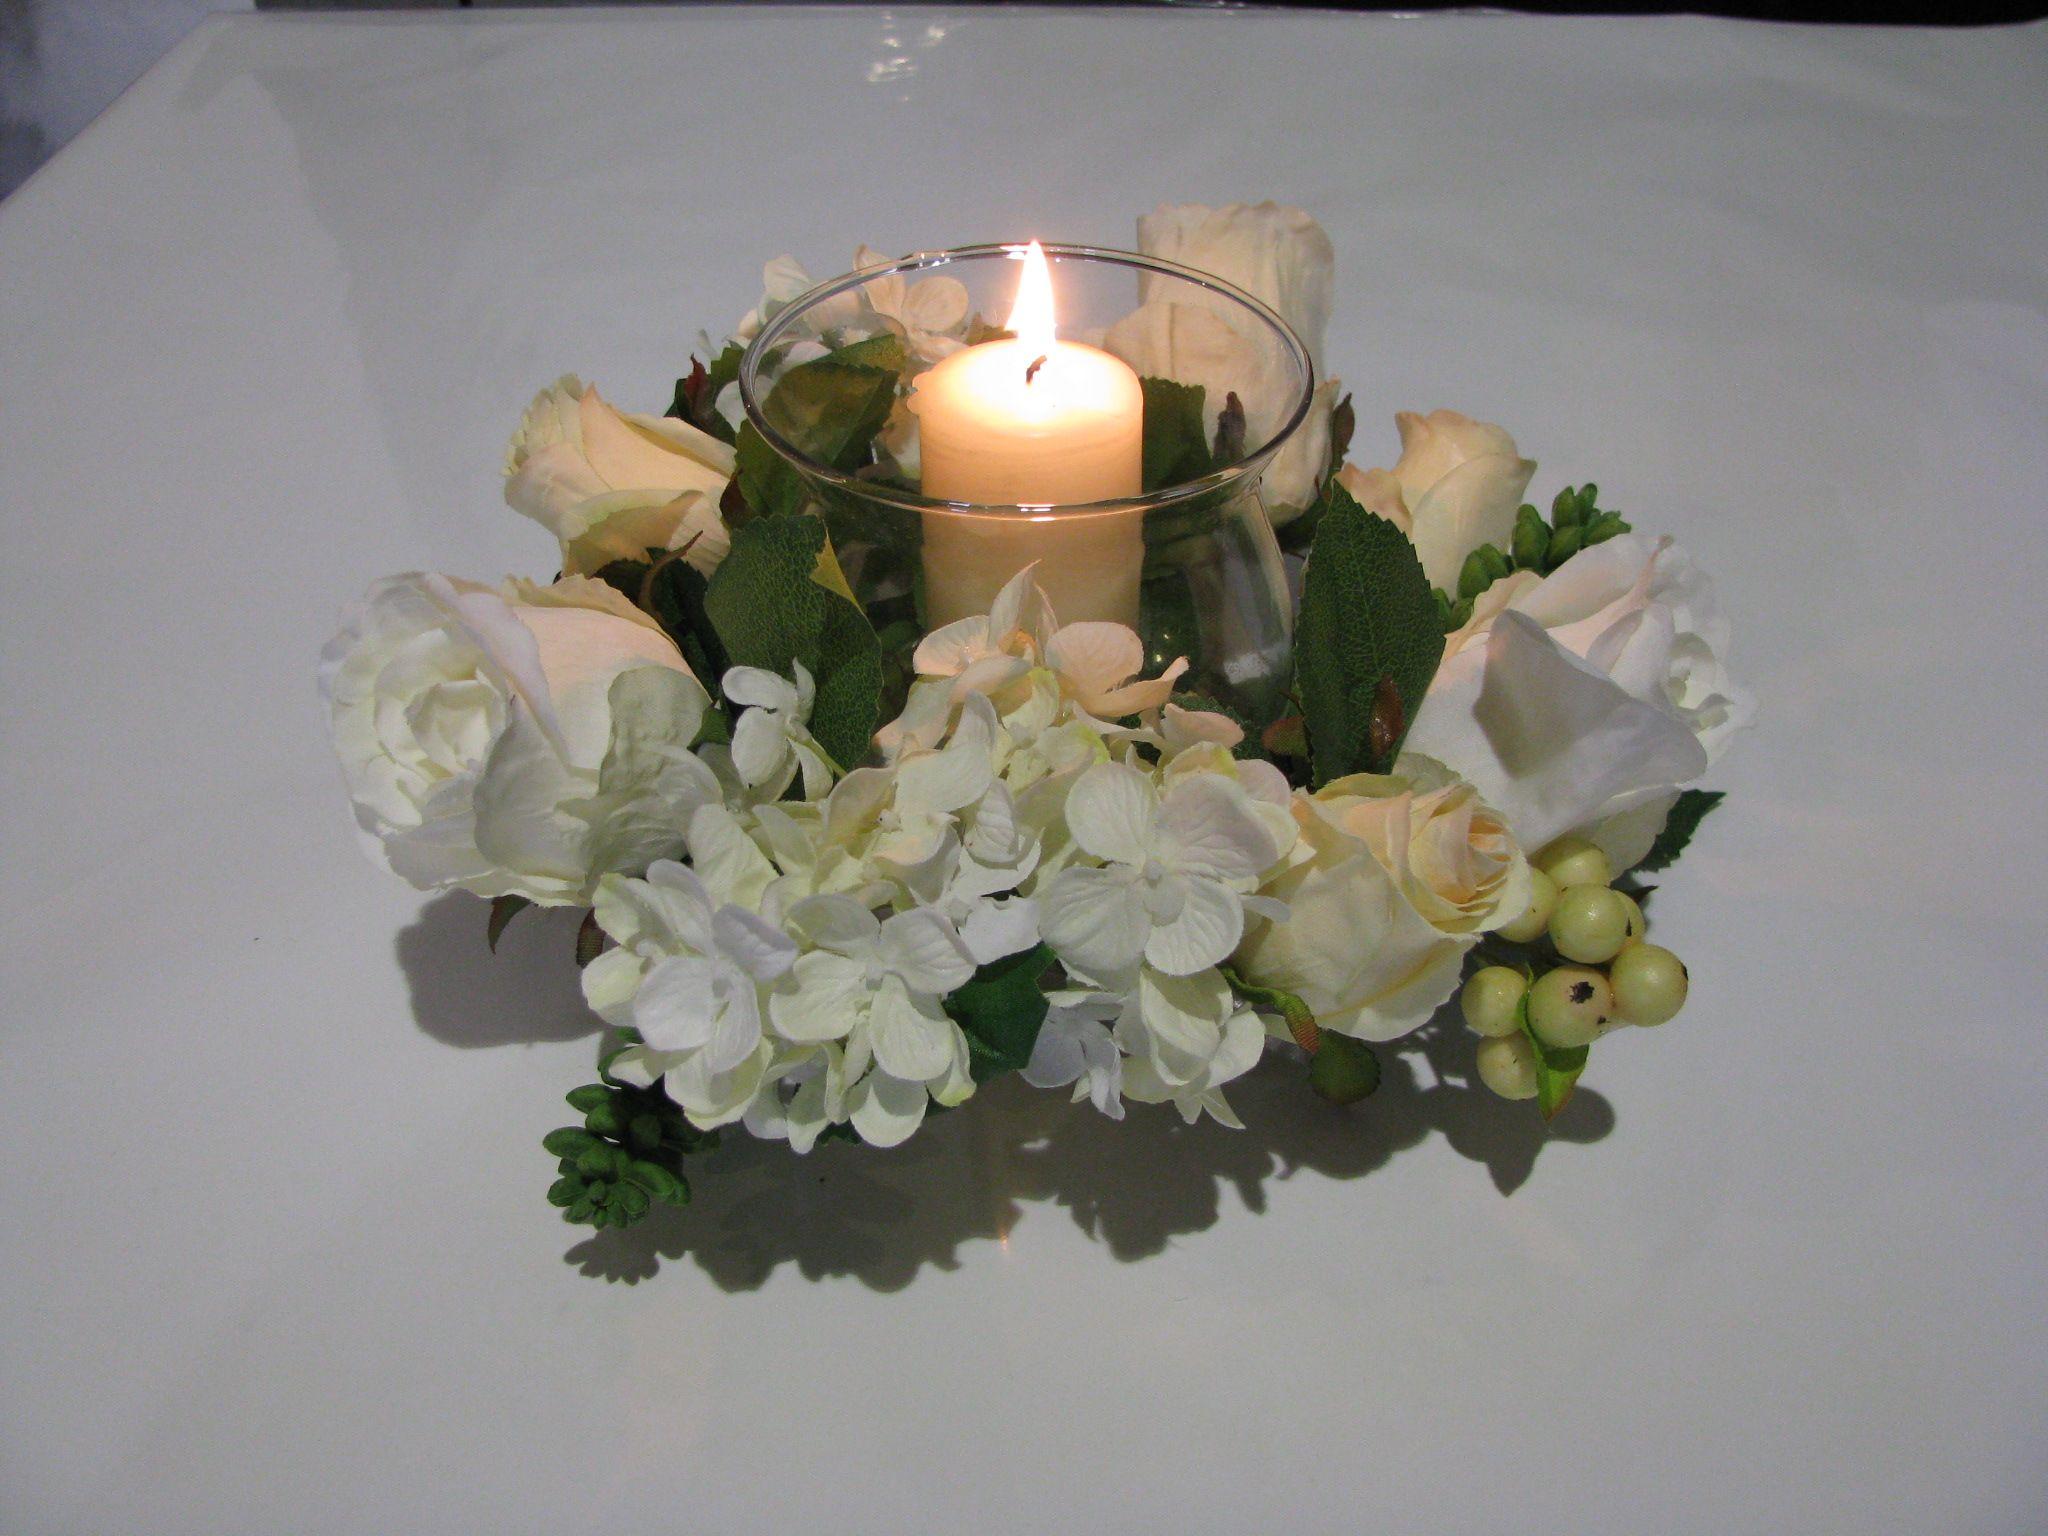 Centro de mesa con rosas blancas y hortensia.